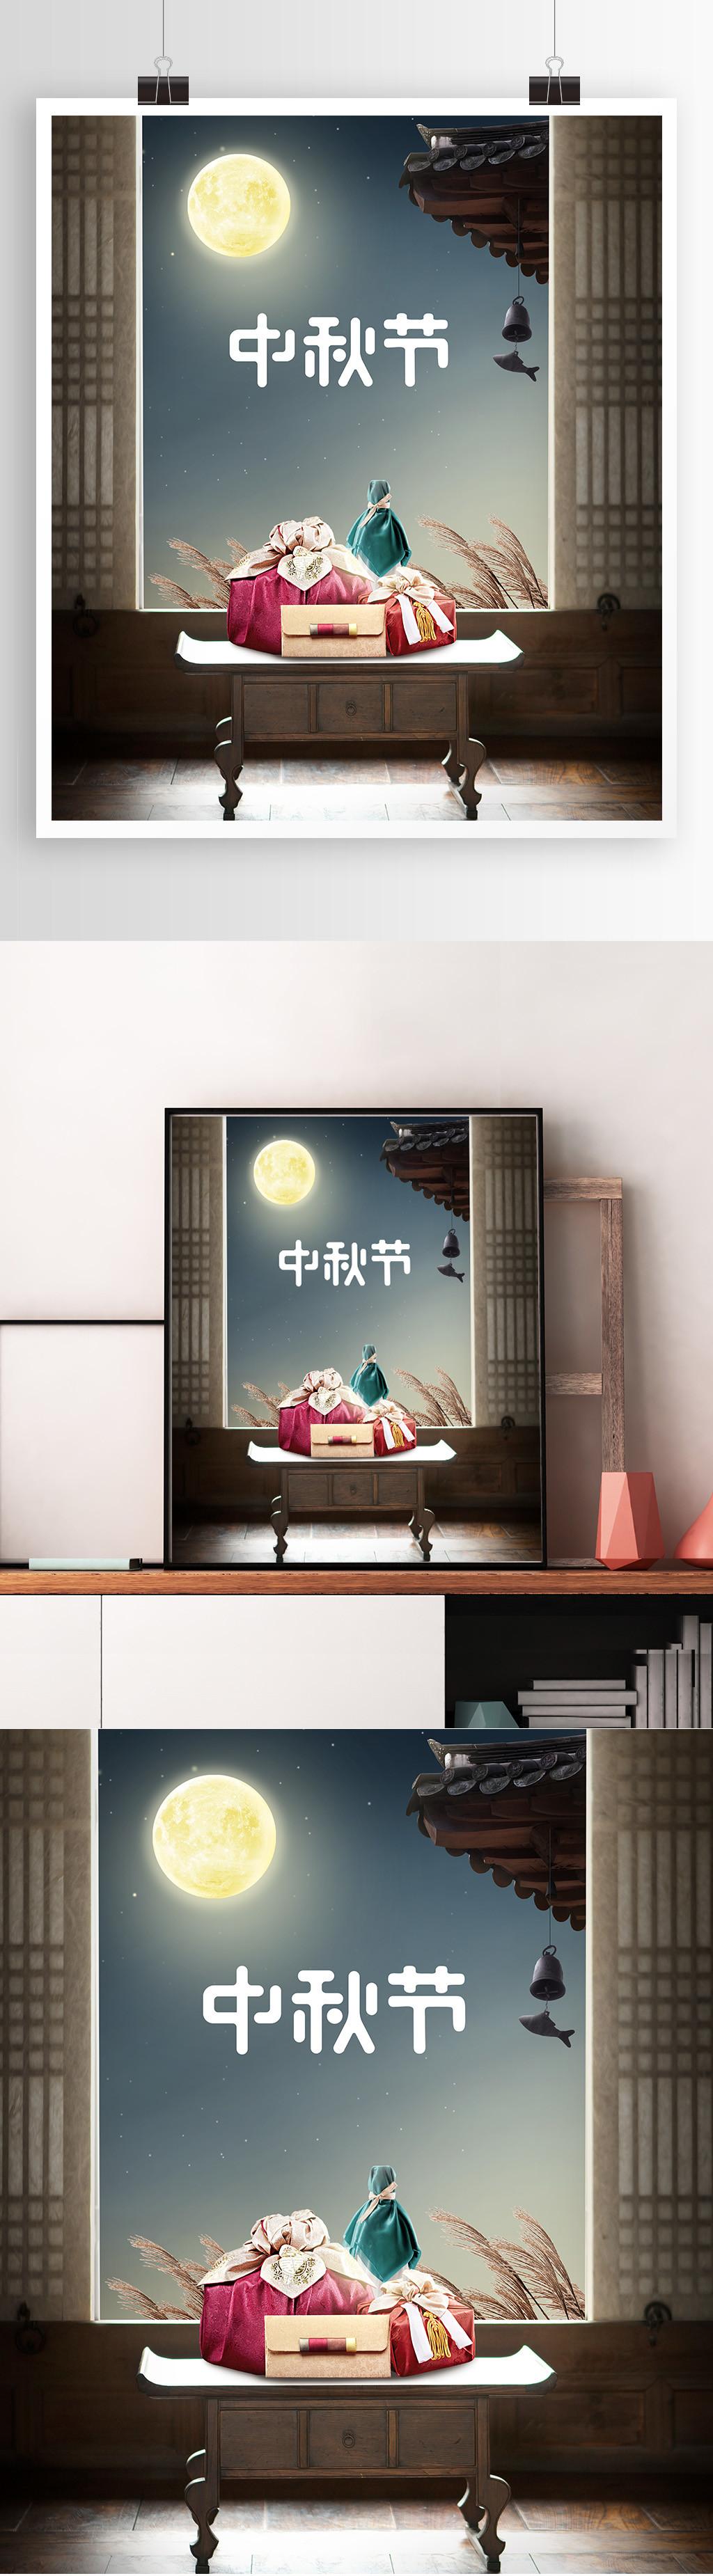 八月十五中秋节赏月古代建筑风铃海报